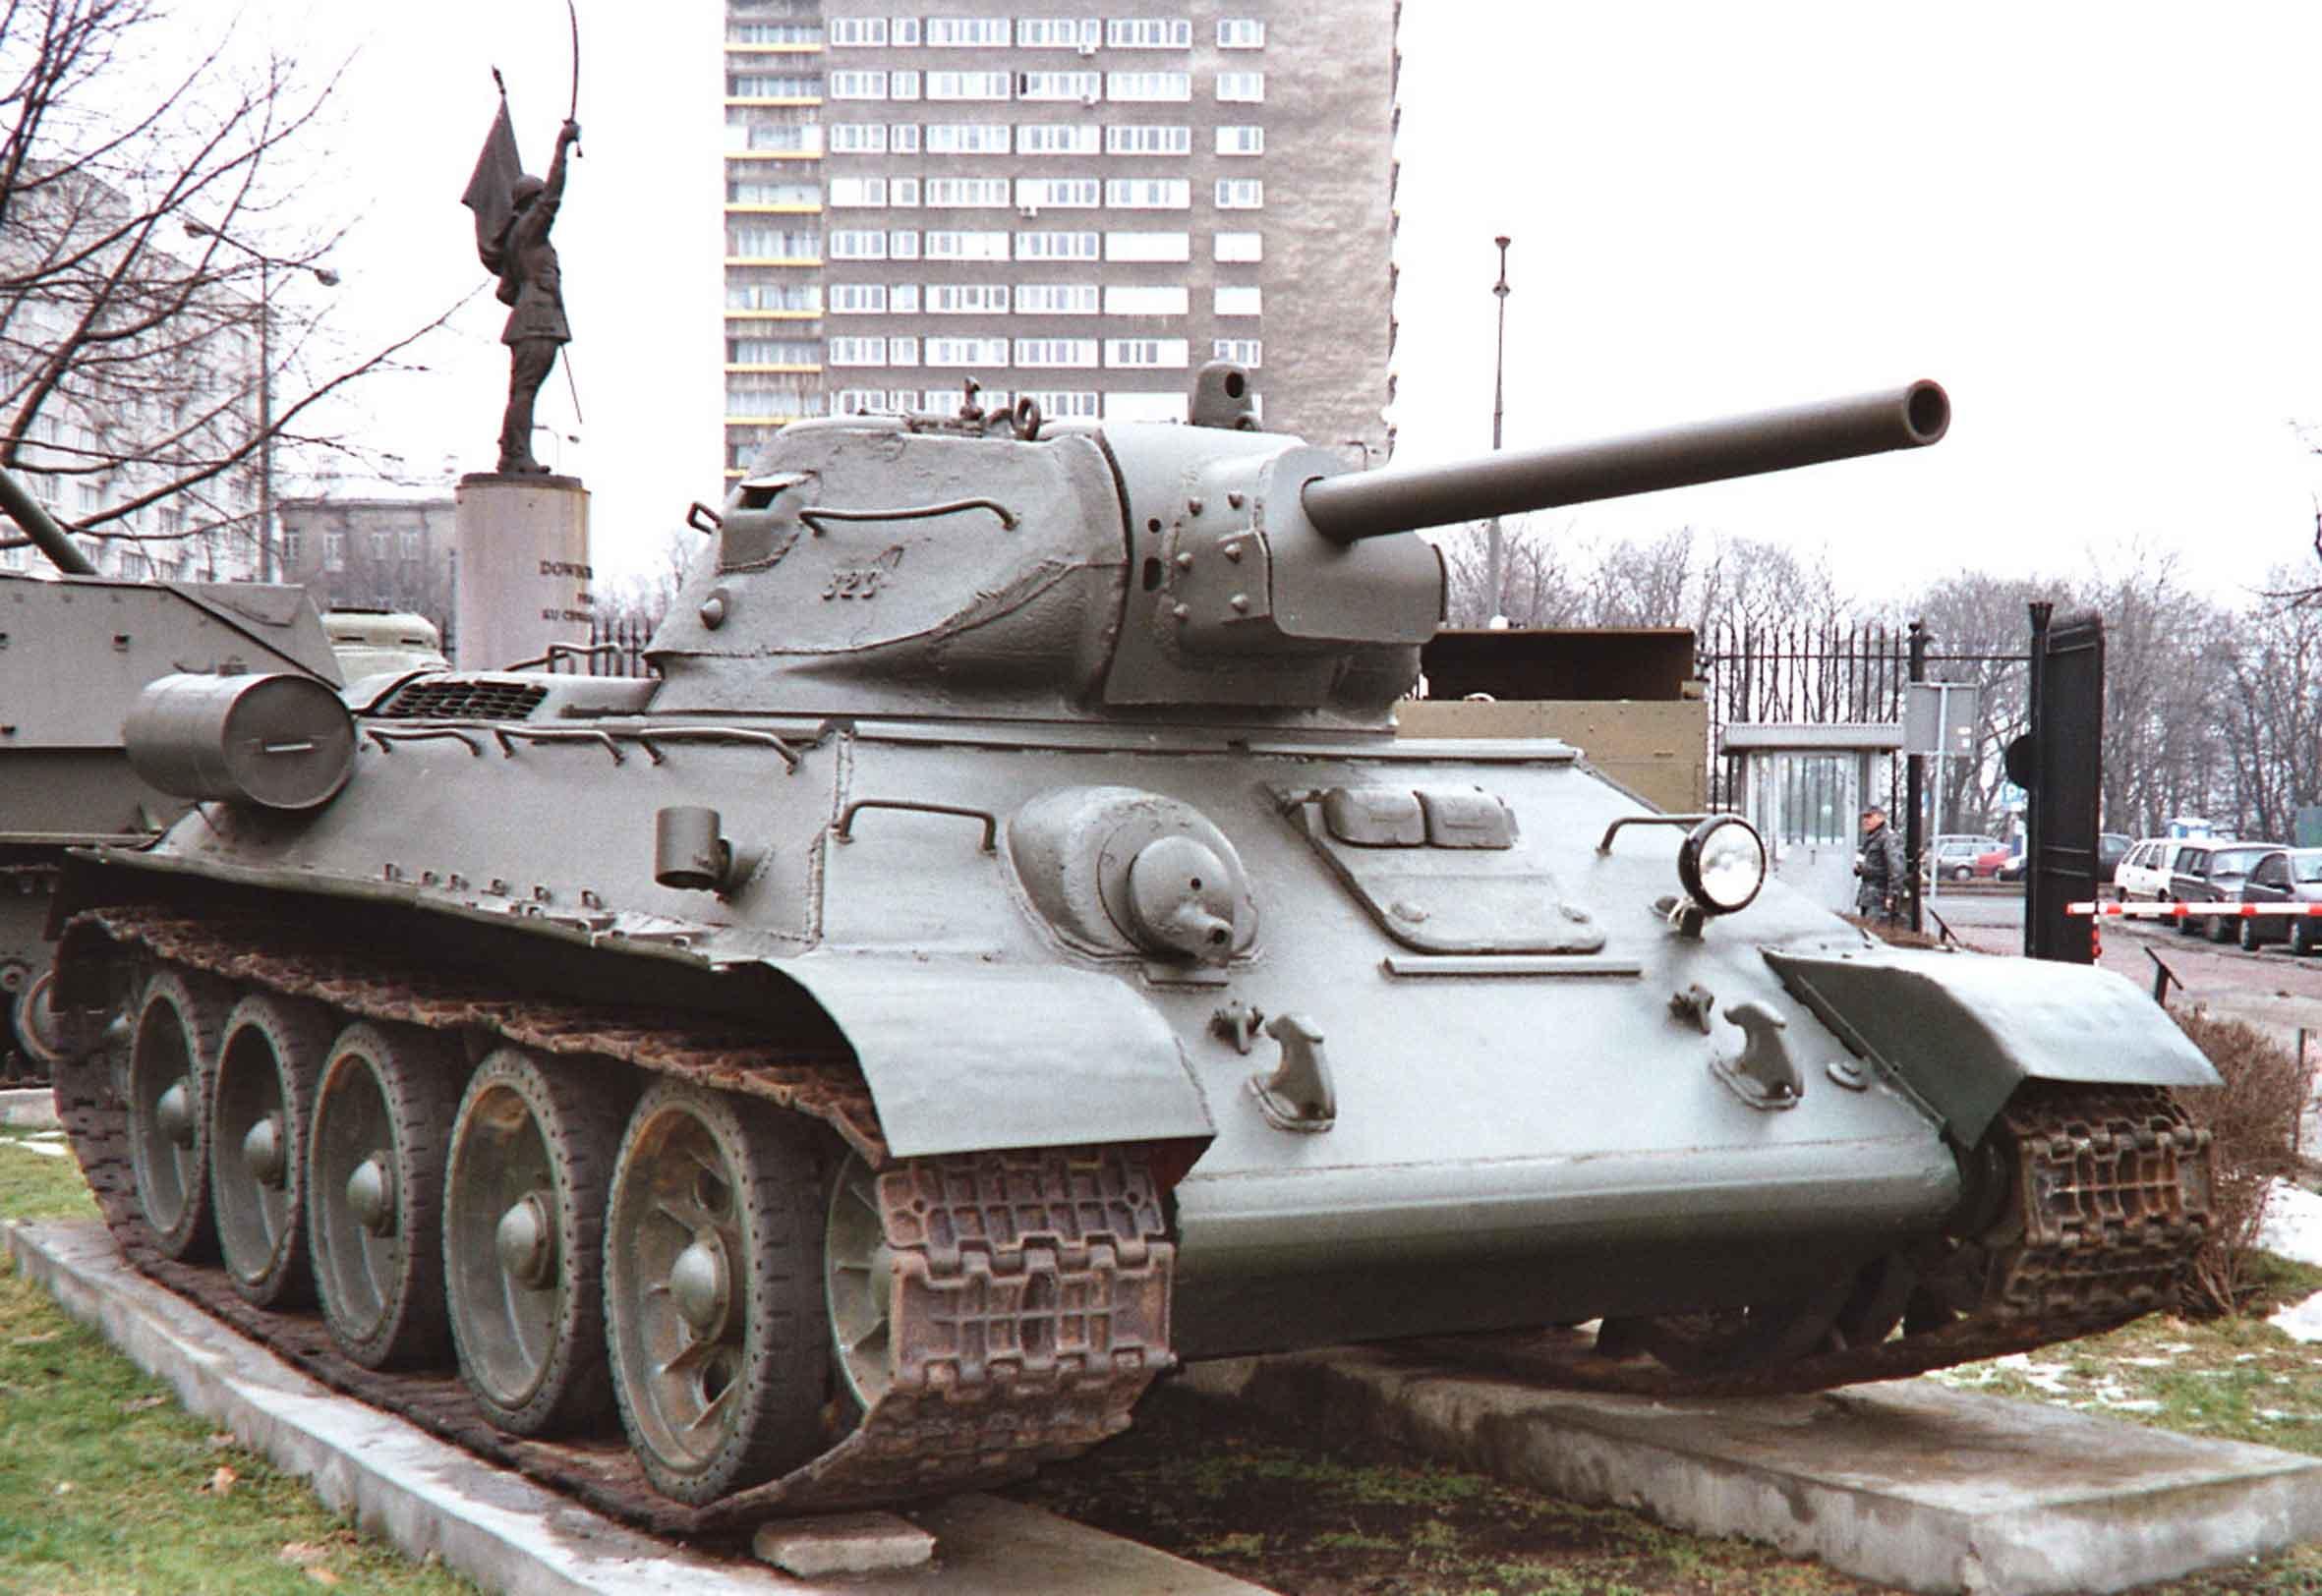 Czołg średni T-34 model 1942 z 1. Brygady Pancernej im. Bohaterów Westerplatte